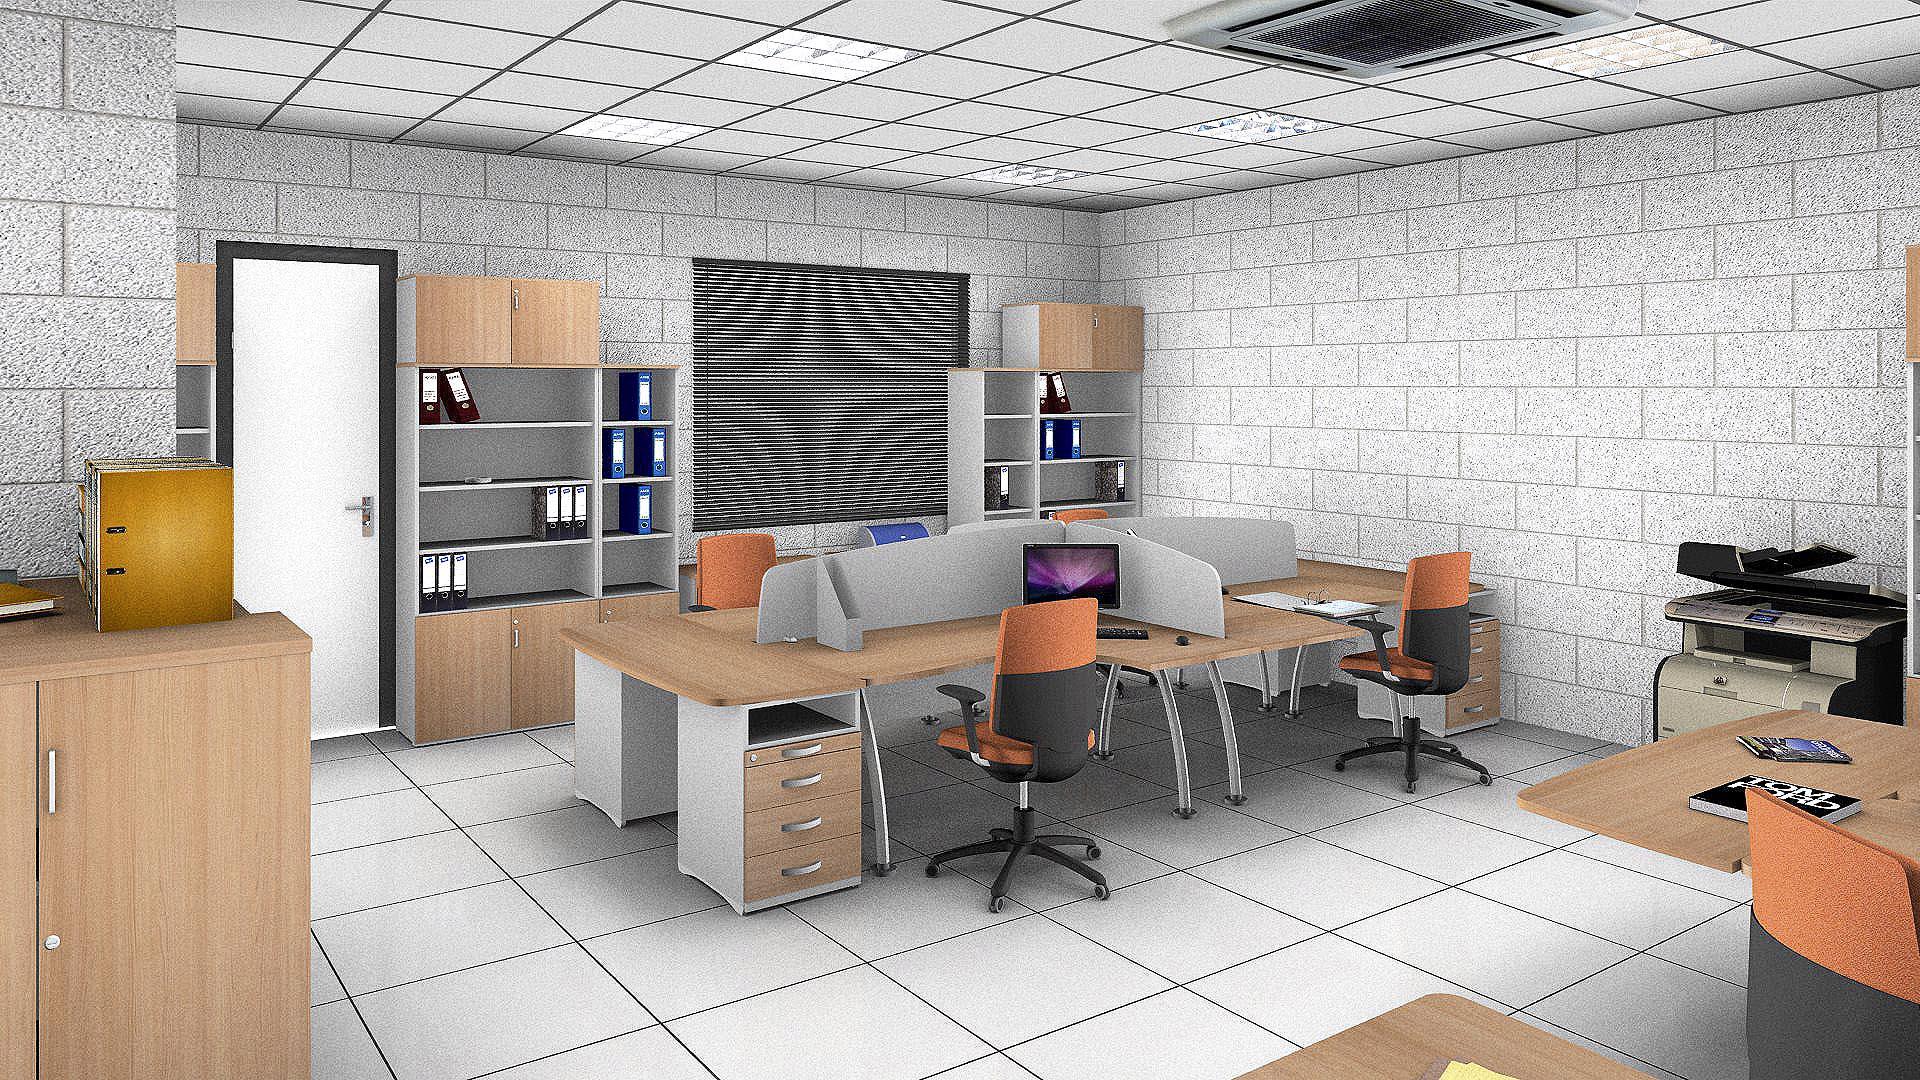 Actiu participa en una experiencia pionera para adaptar su for Oferta muebles oficina